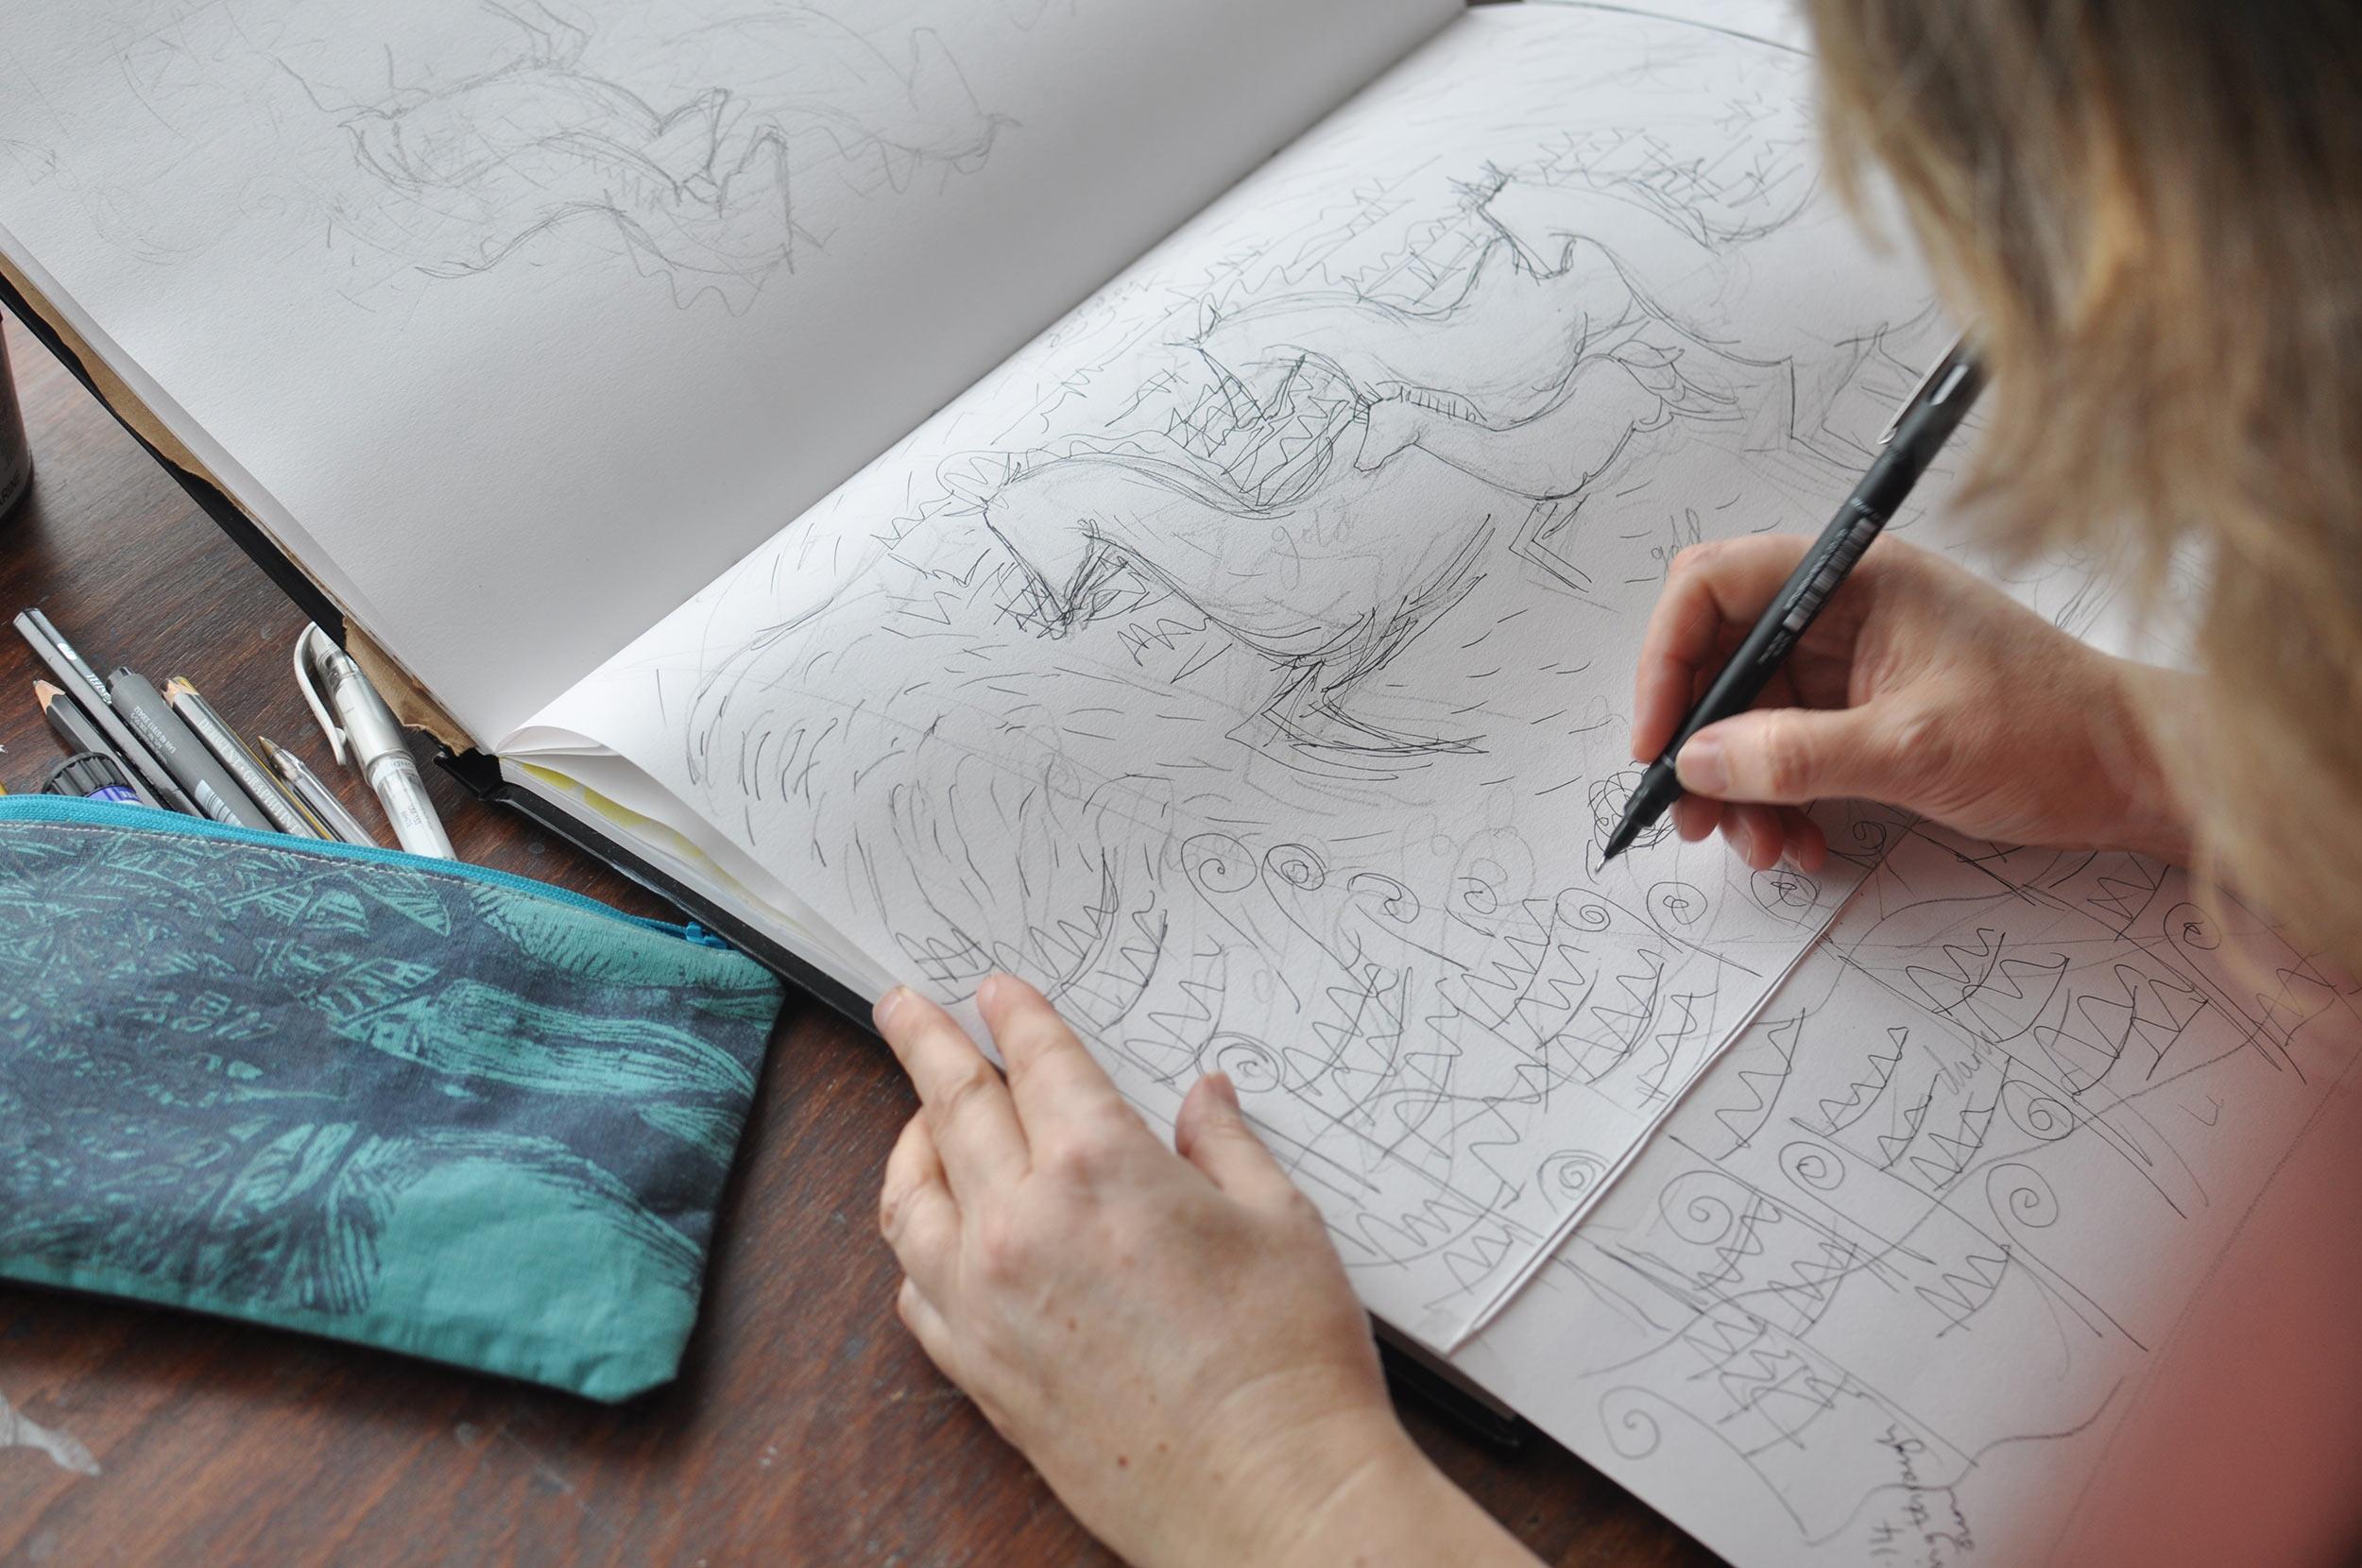 luna-north-artist-sketching-01.jpg